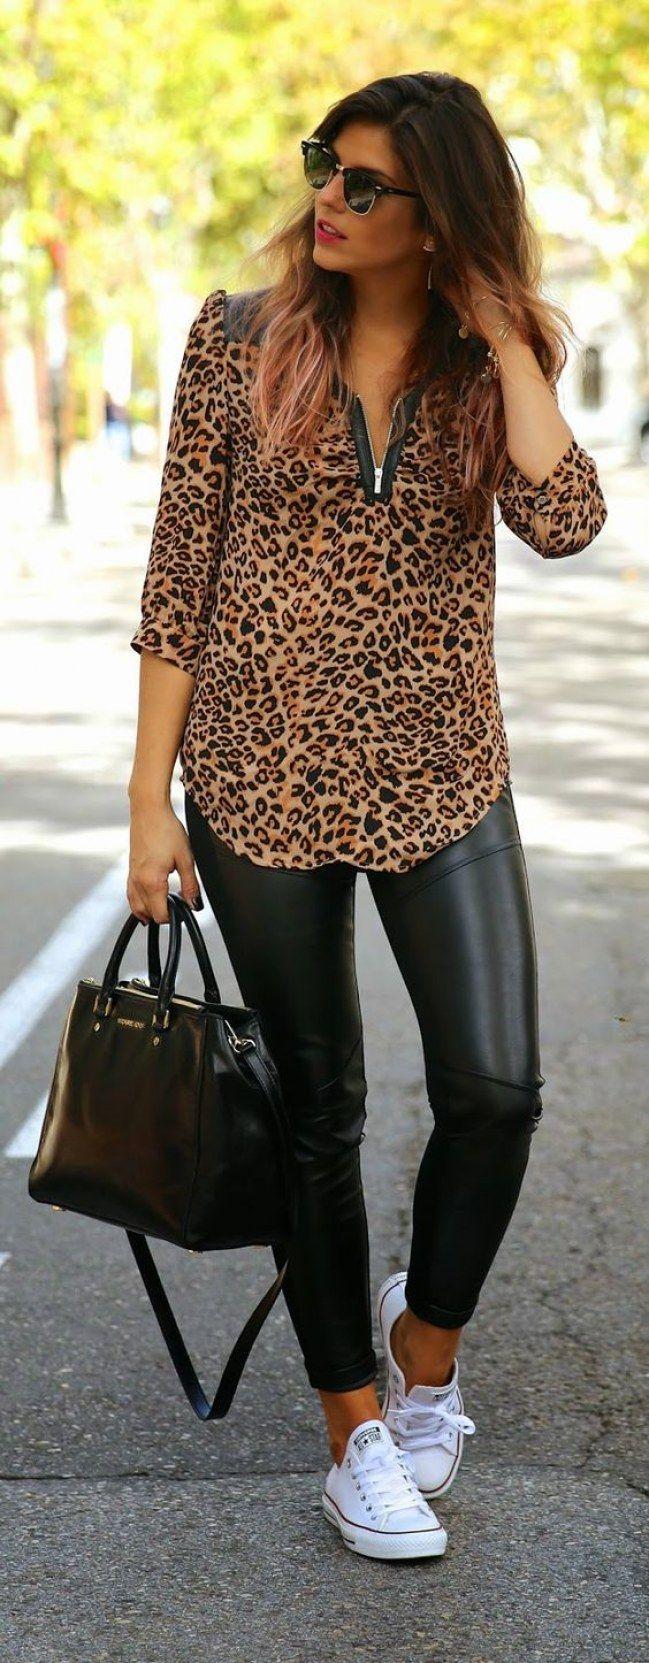 Chica usando una blusa animal print, leggins y zapatillas de color blanco